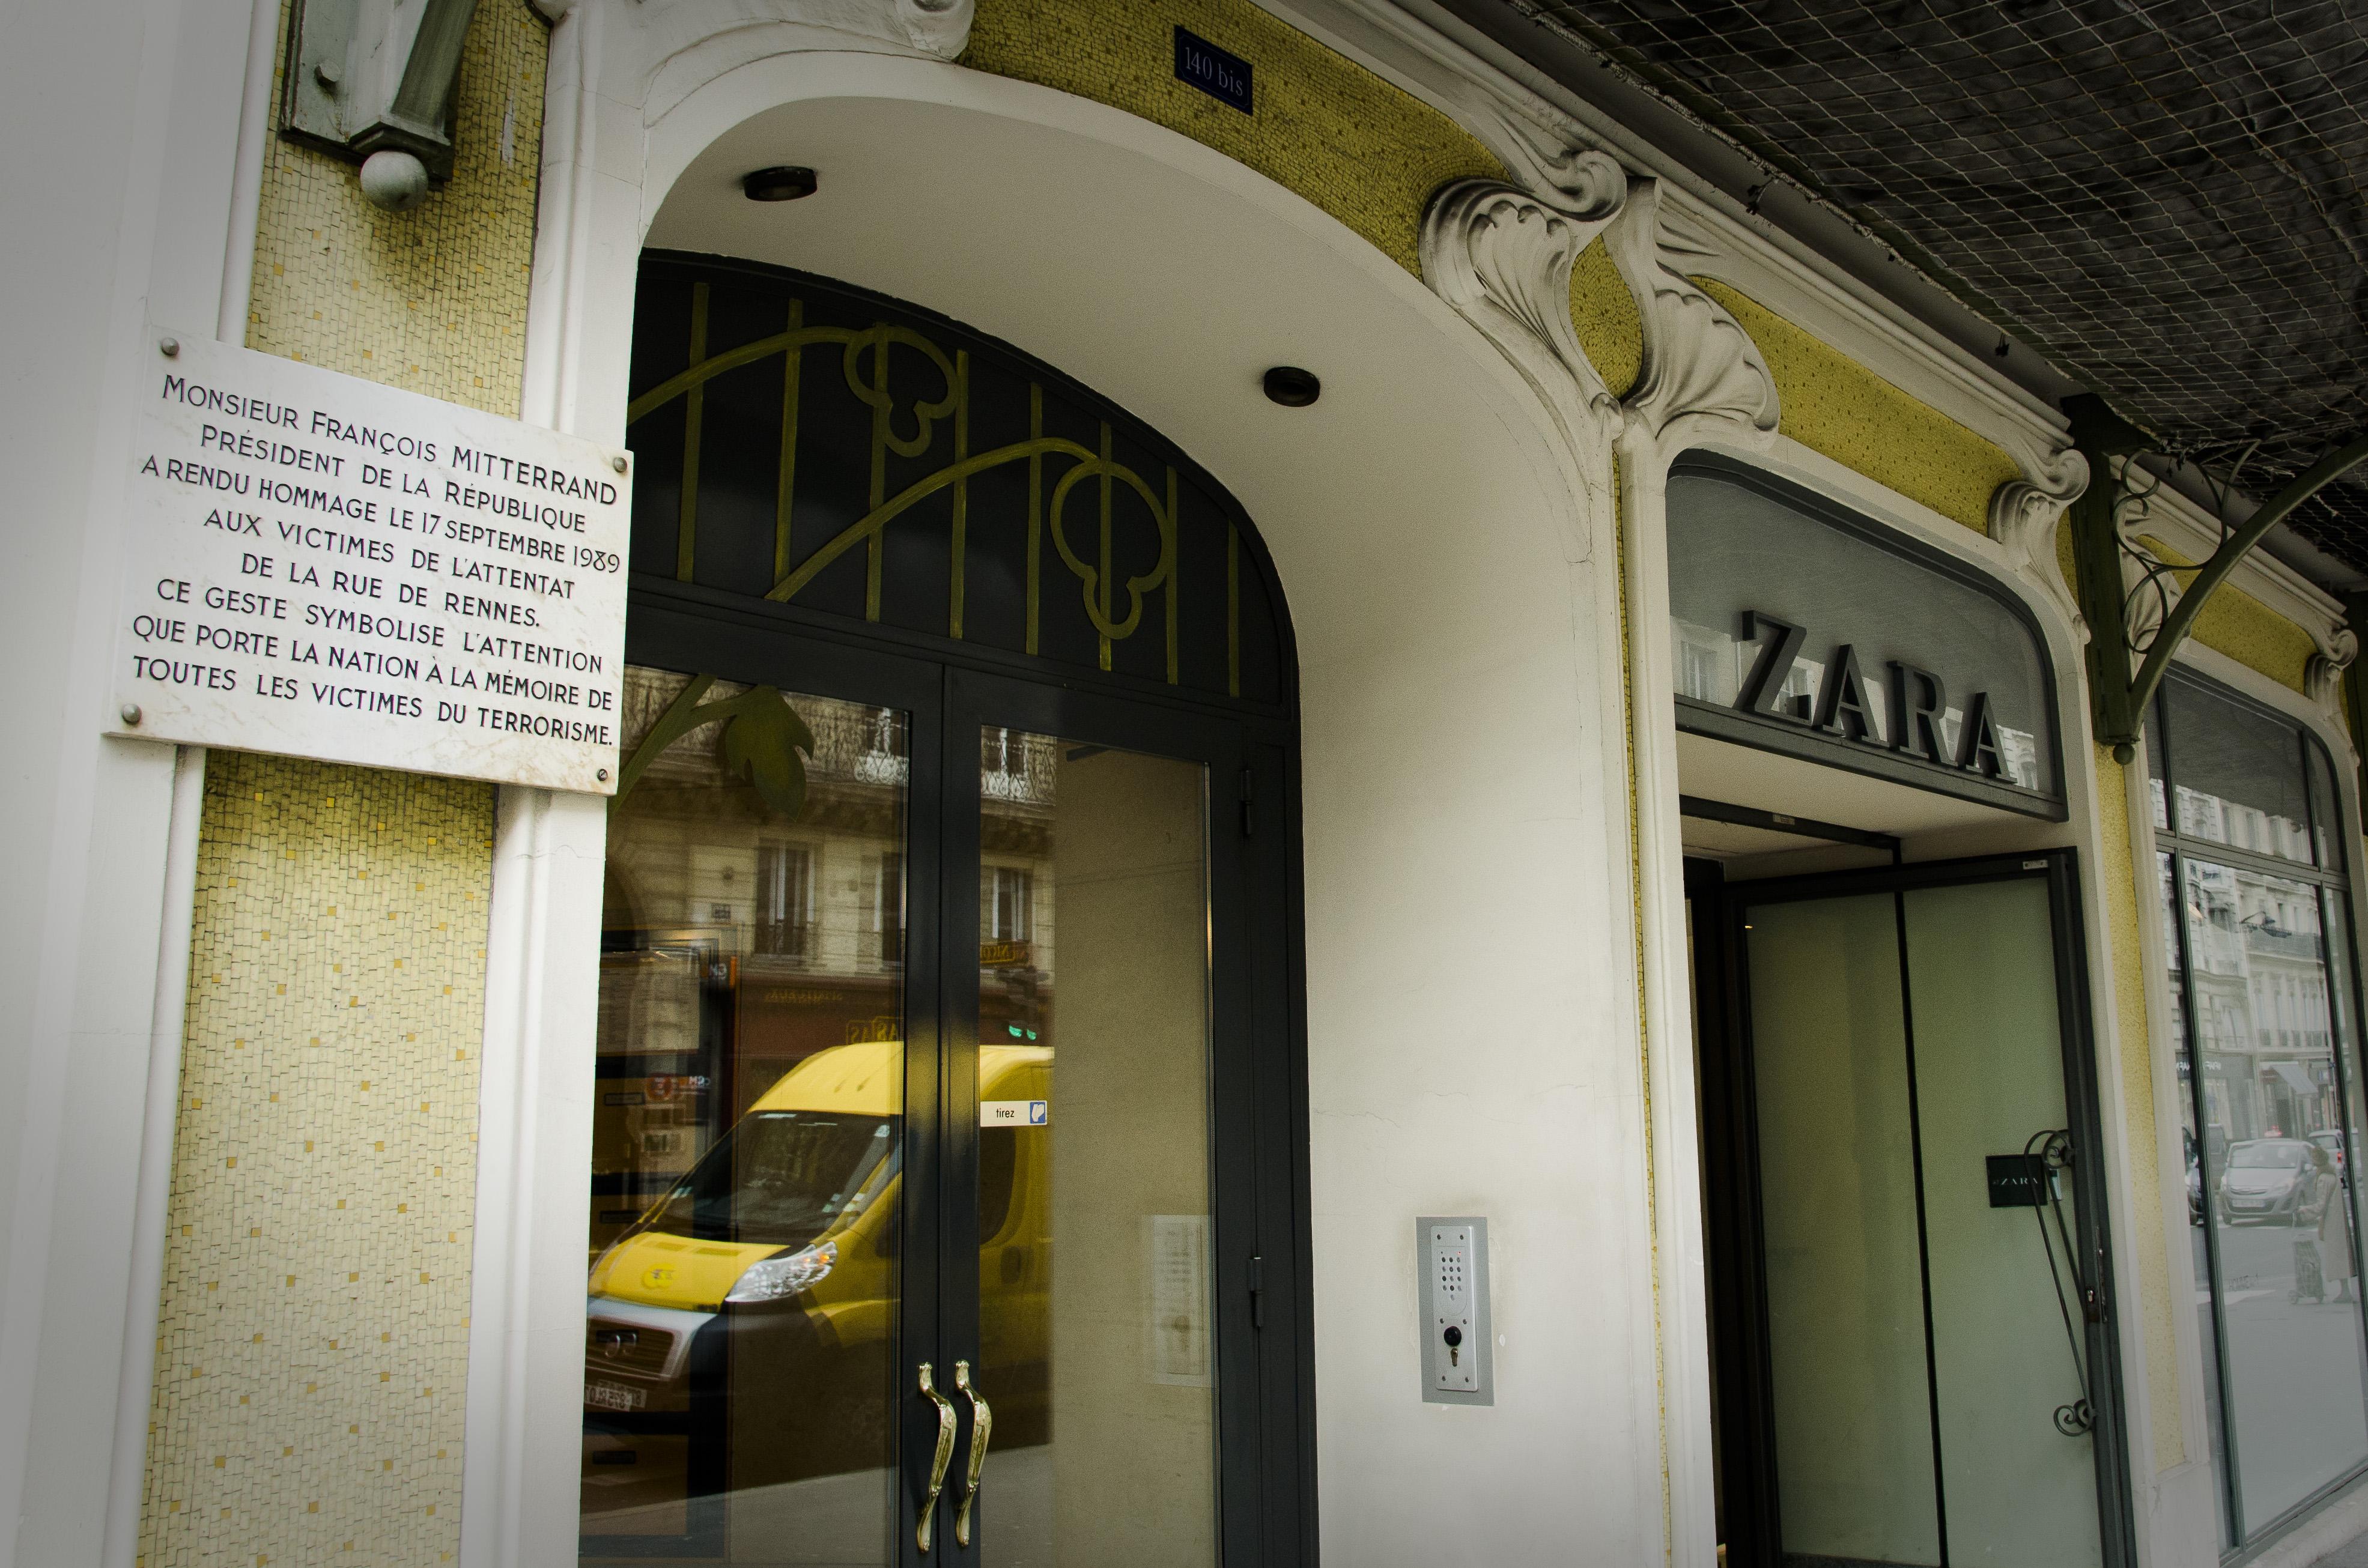 Le 104 bis de la rue de Rennes en 2015. Le magasin Tati a été remplacé au début des années 2000 par l'enseigne Zara (Florian Maussion / 3millions7)